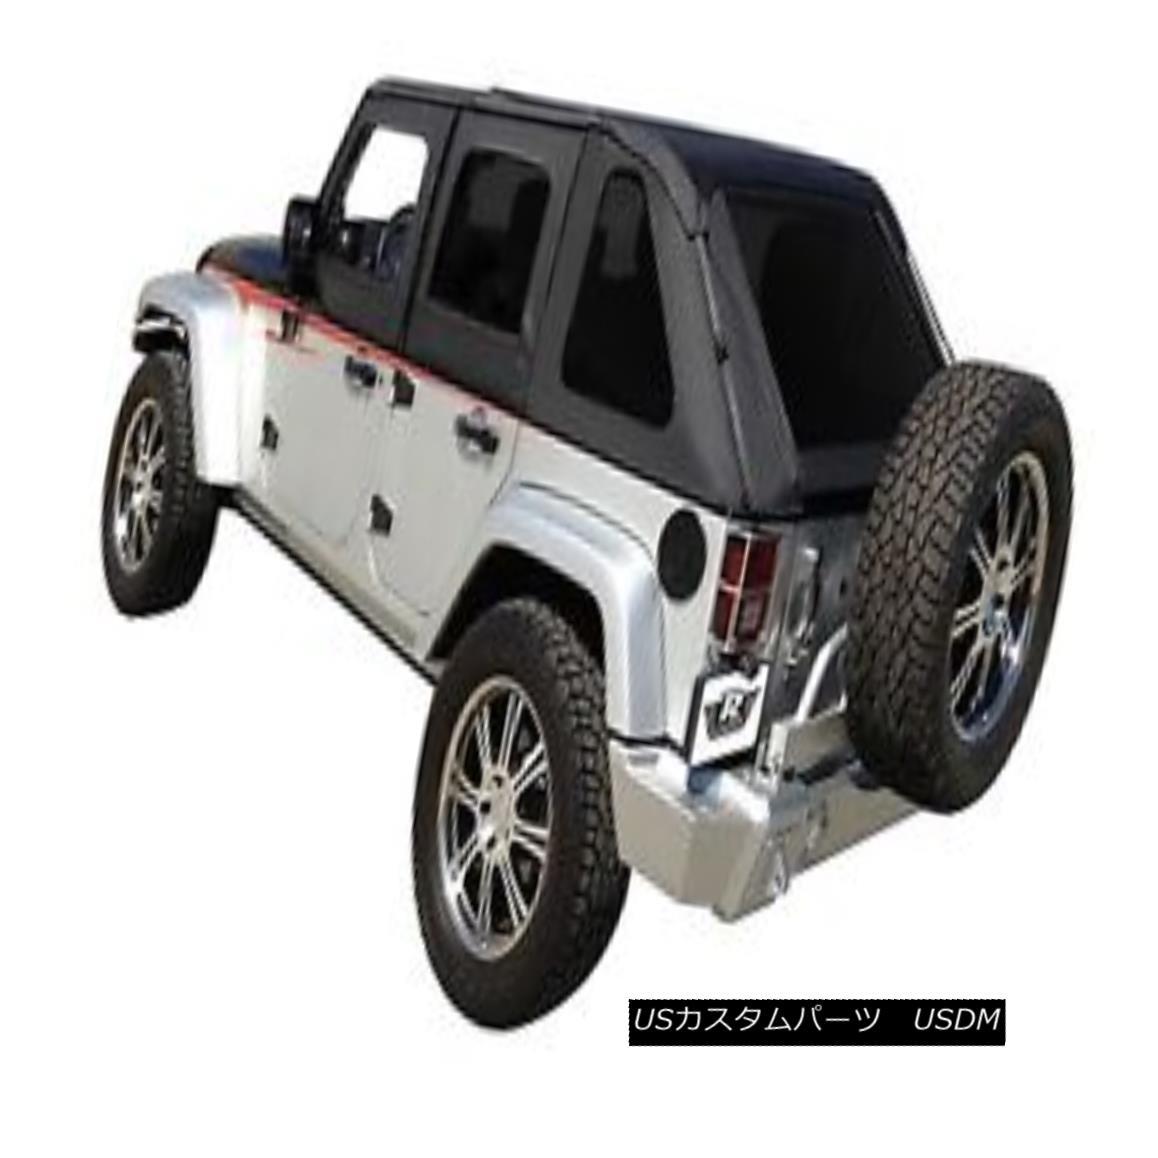 幌・ソフトトップ Rampage 109835 Frameless Soft Top Kit Sailcloth Fits 07-16 Wrangler (JK) ランペイジ109835フレームレスソフトトップキットセーラークロス07-16ラングラー(JK)